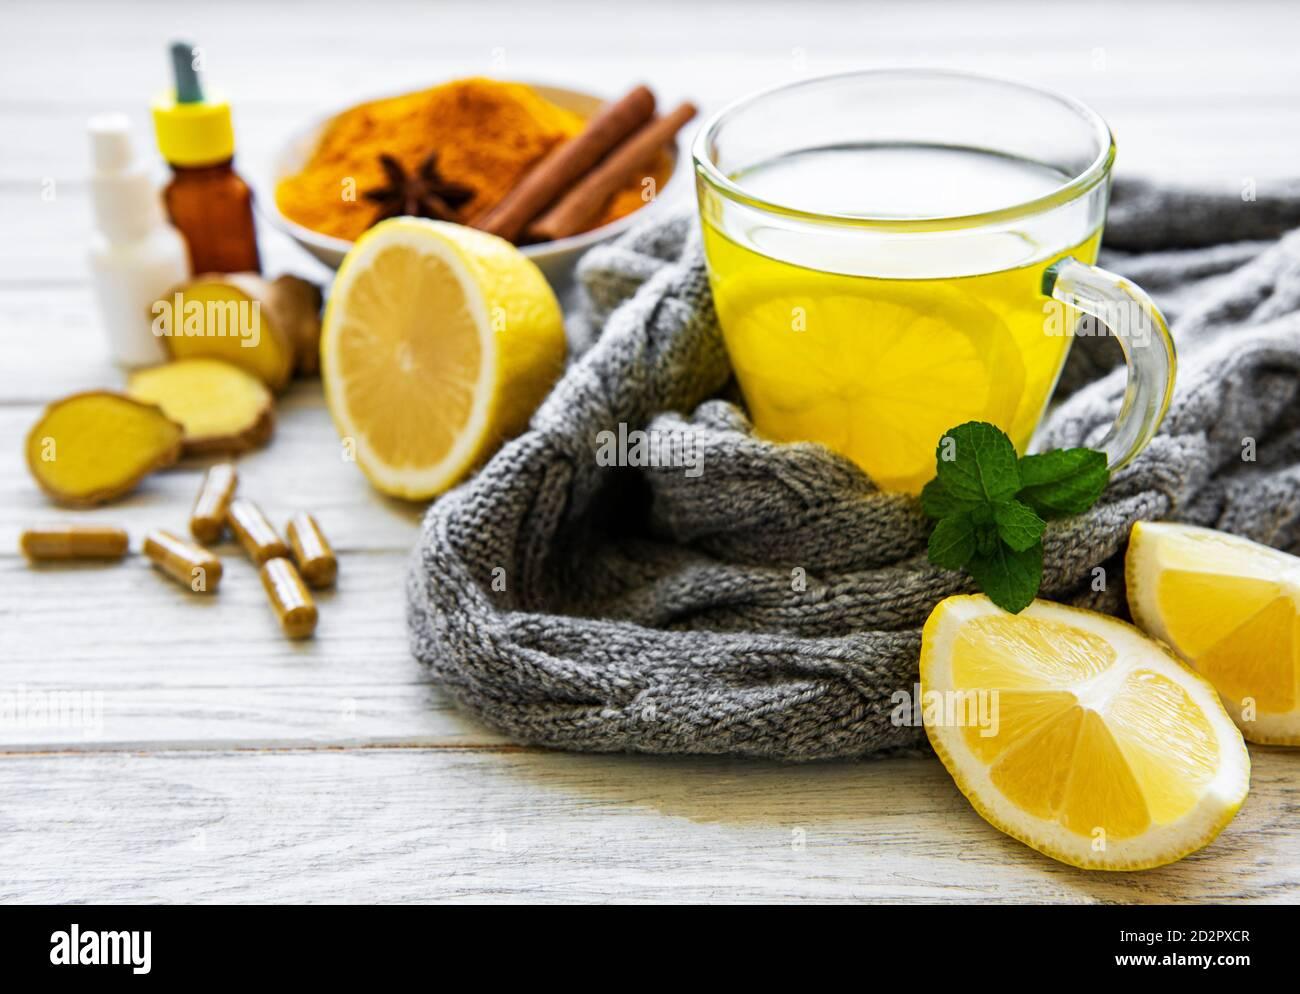 Bebida cúrcuma natural saludable en lugar de las drogas tradicionales y las píldoras contra la gripe. Concepto de medicina alternativa. Foto de stock